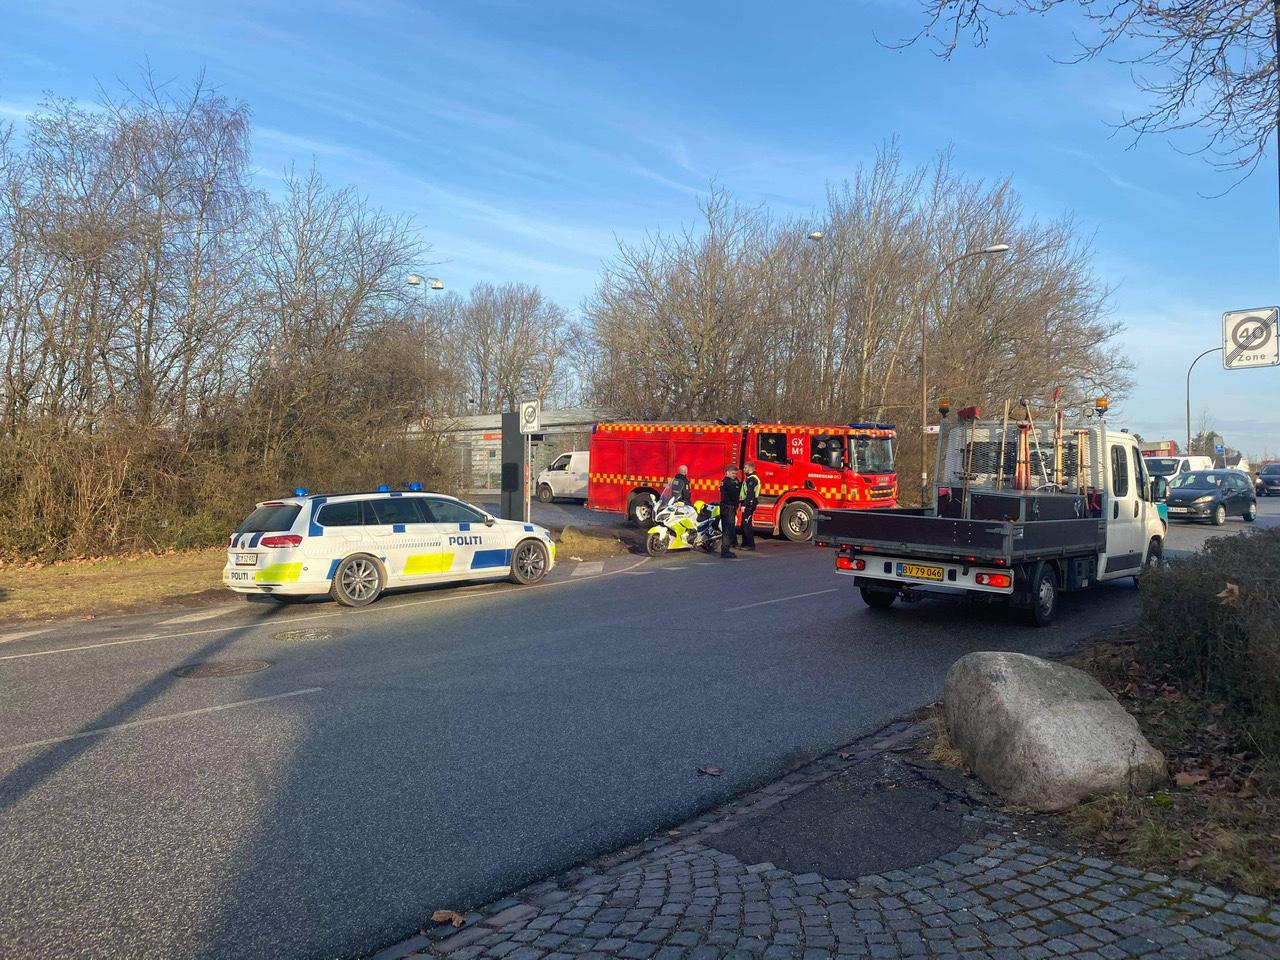 Politi afspærrer genbrugsplads - brandvæsen også til stede